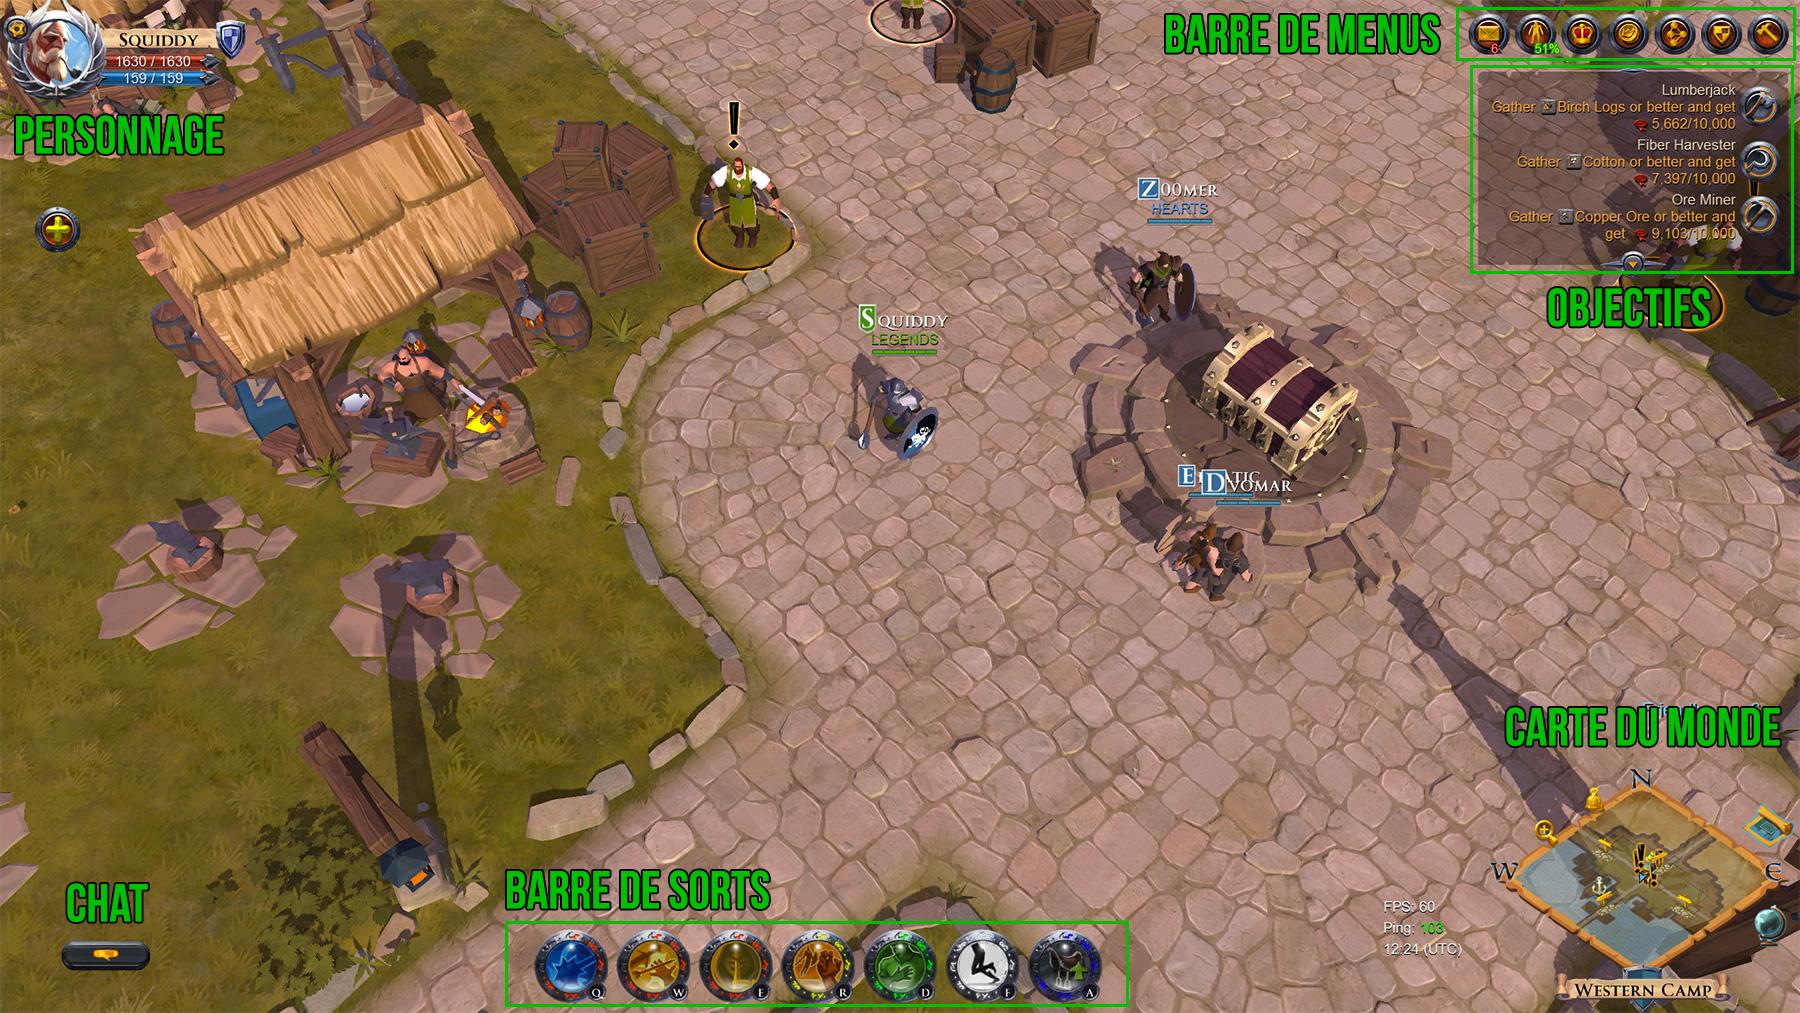 Les différents éléments d'interface d'Albion Online